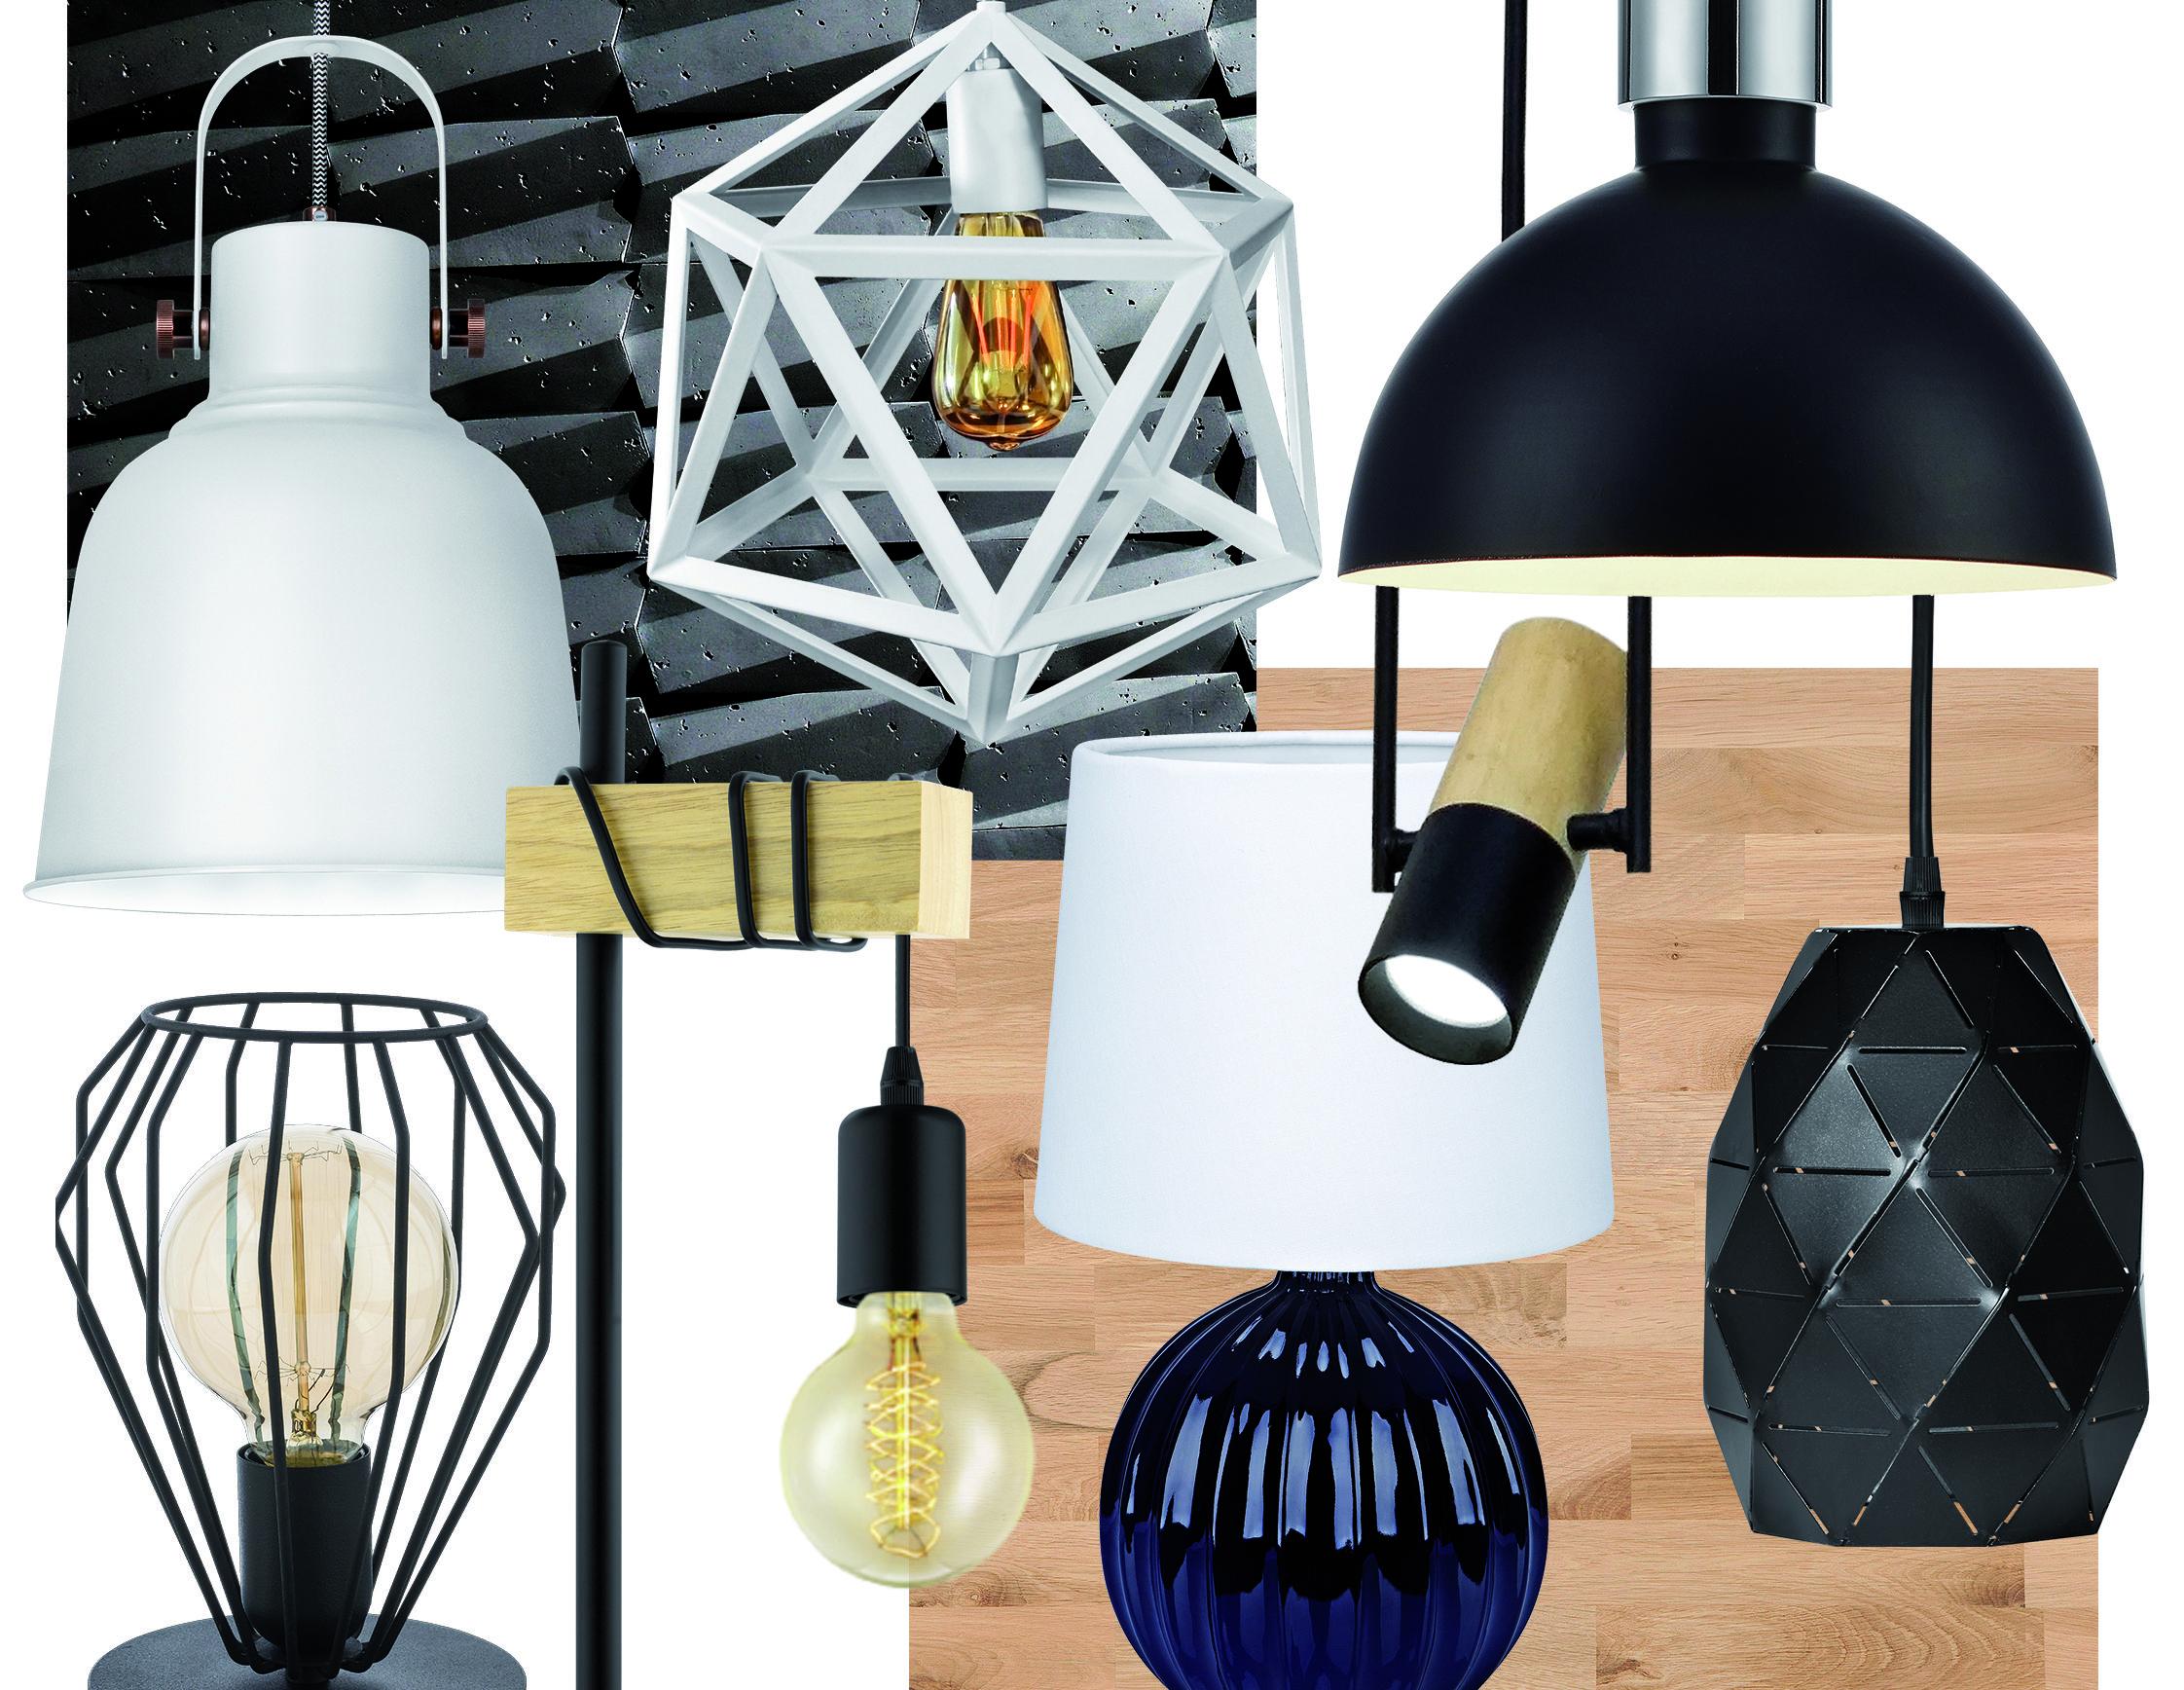 Leroymerlin Leroymerlinpolska Dlabohaterowdomu Domoweinspiracje Lampa Oswietlenie Home Decor Ceiling Lights Decor